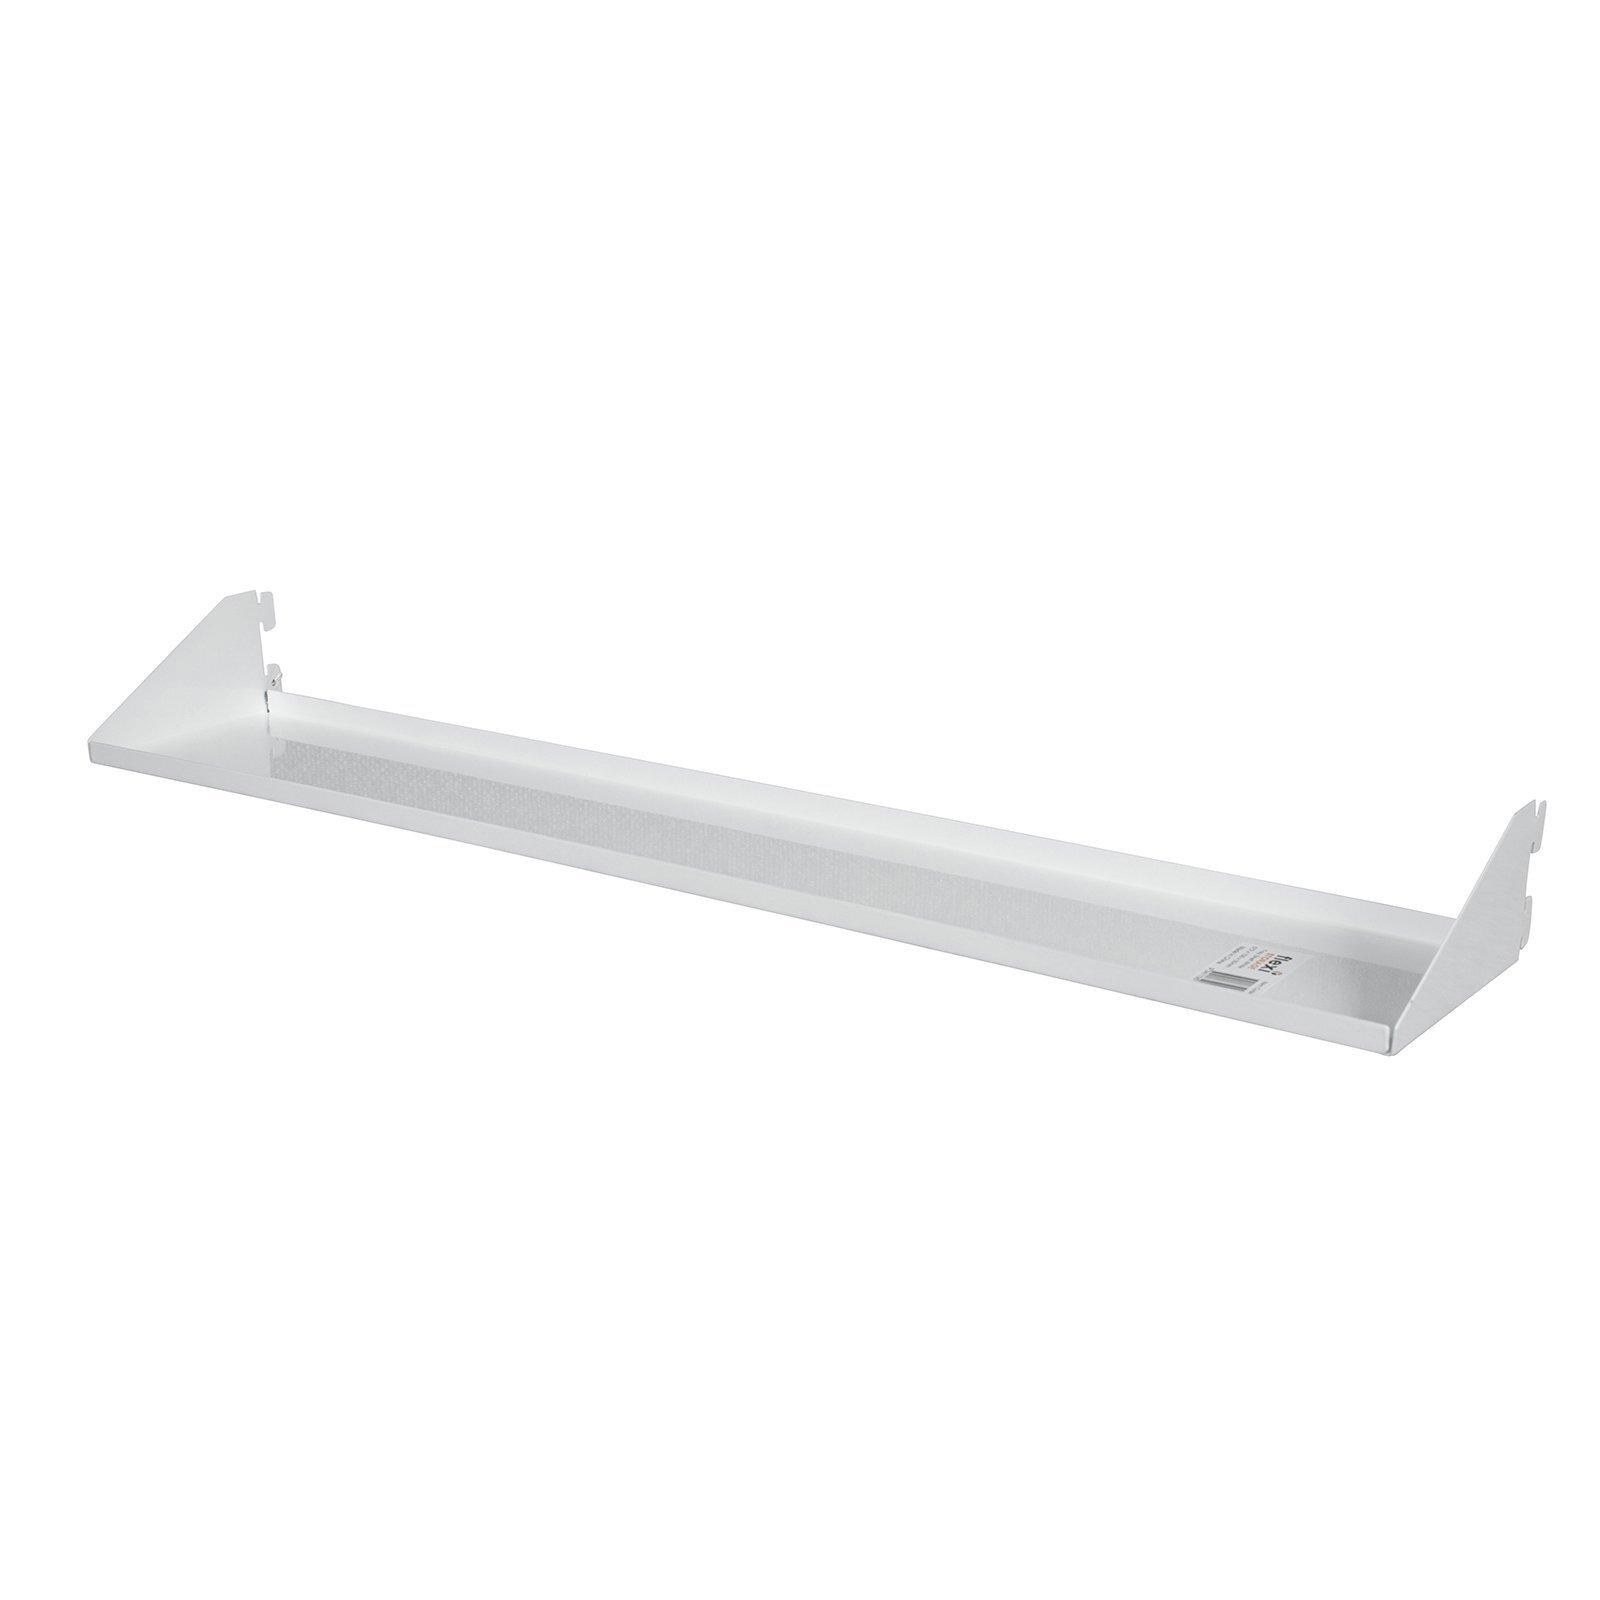 Flexi Storage 572 x 100 x 55mm White Tray Shelf